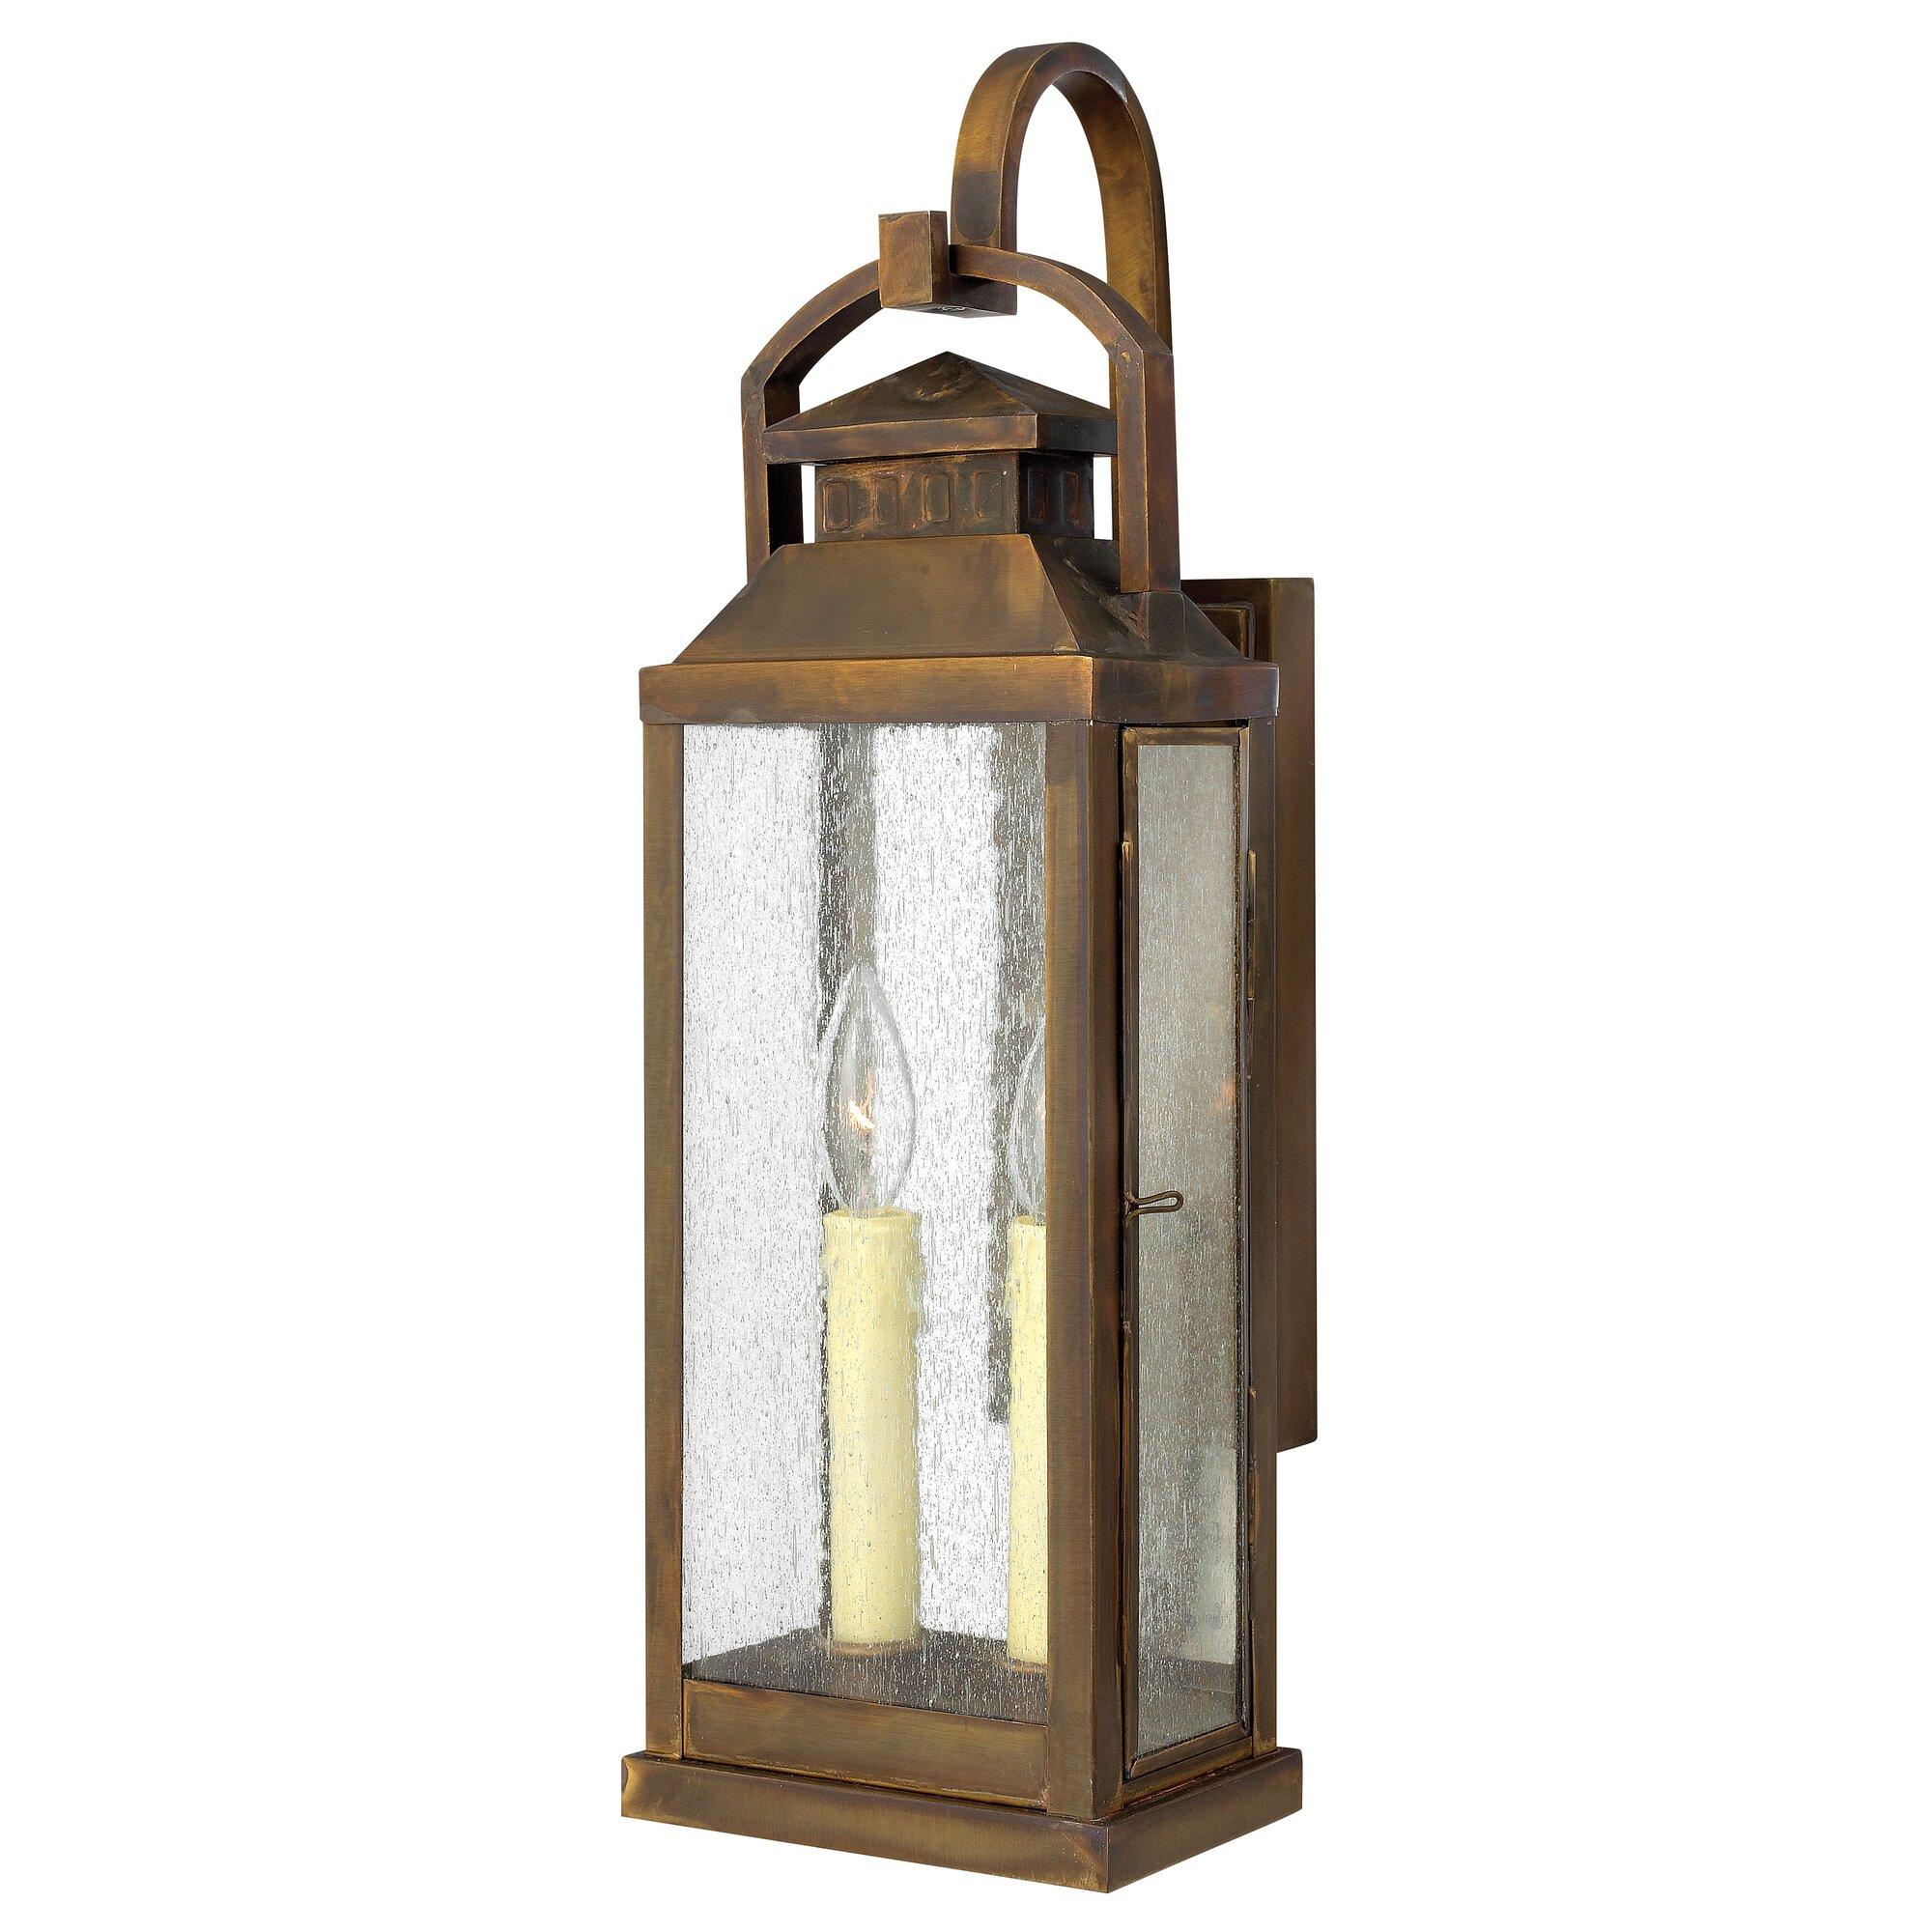 Anchorage Lantern